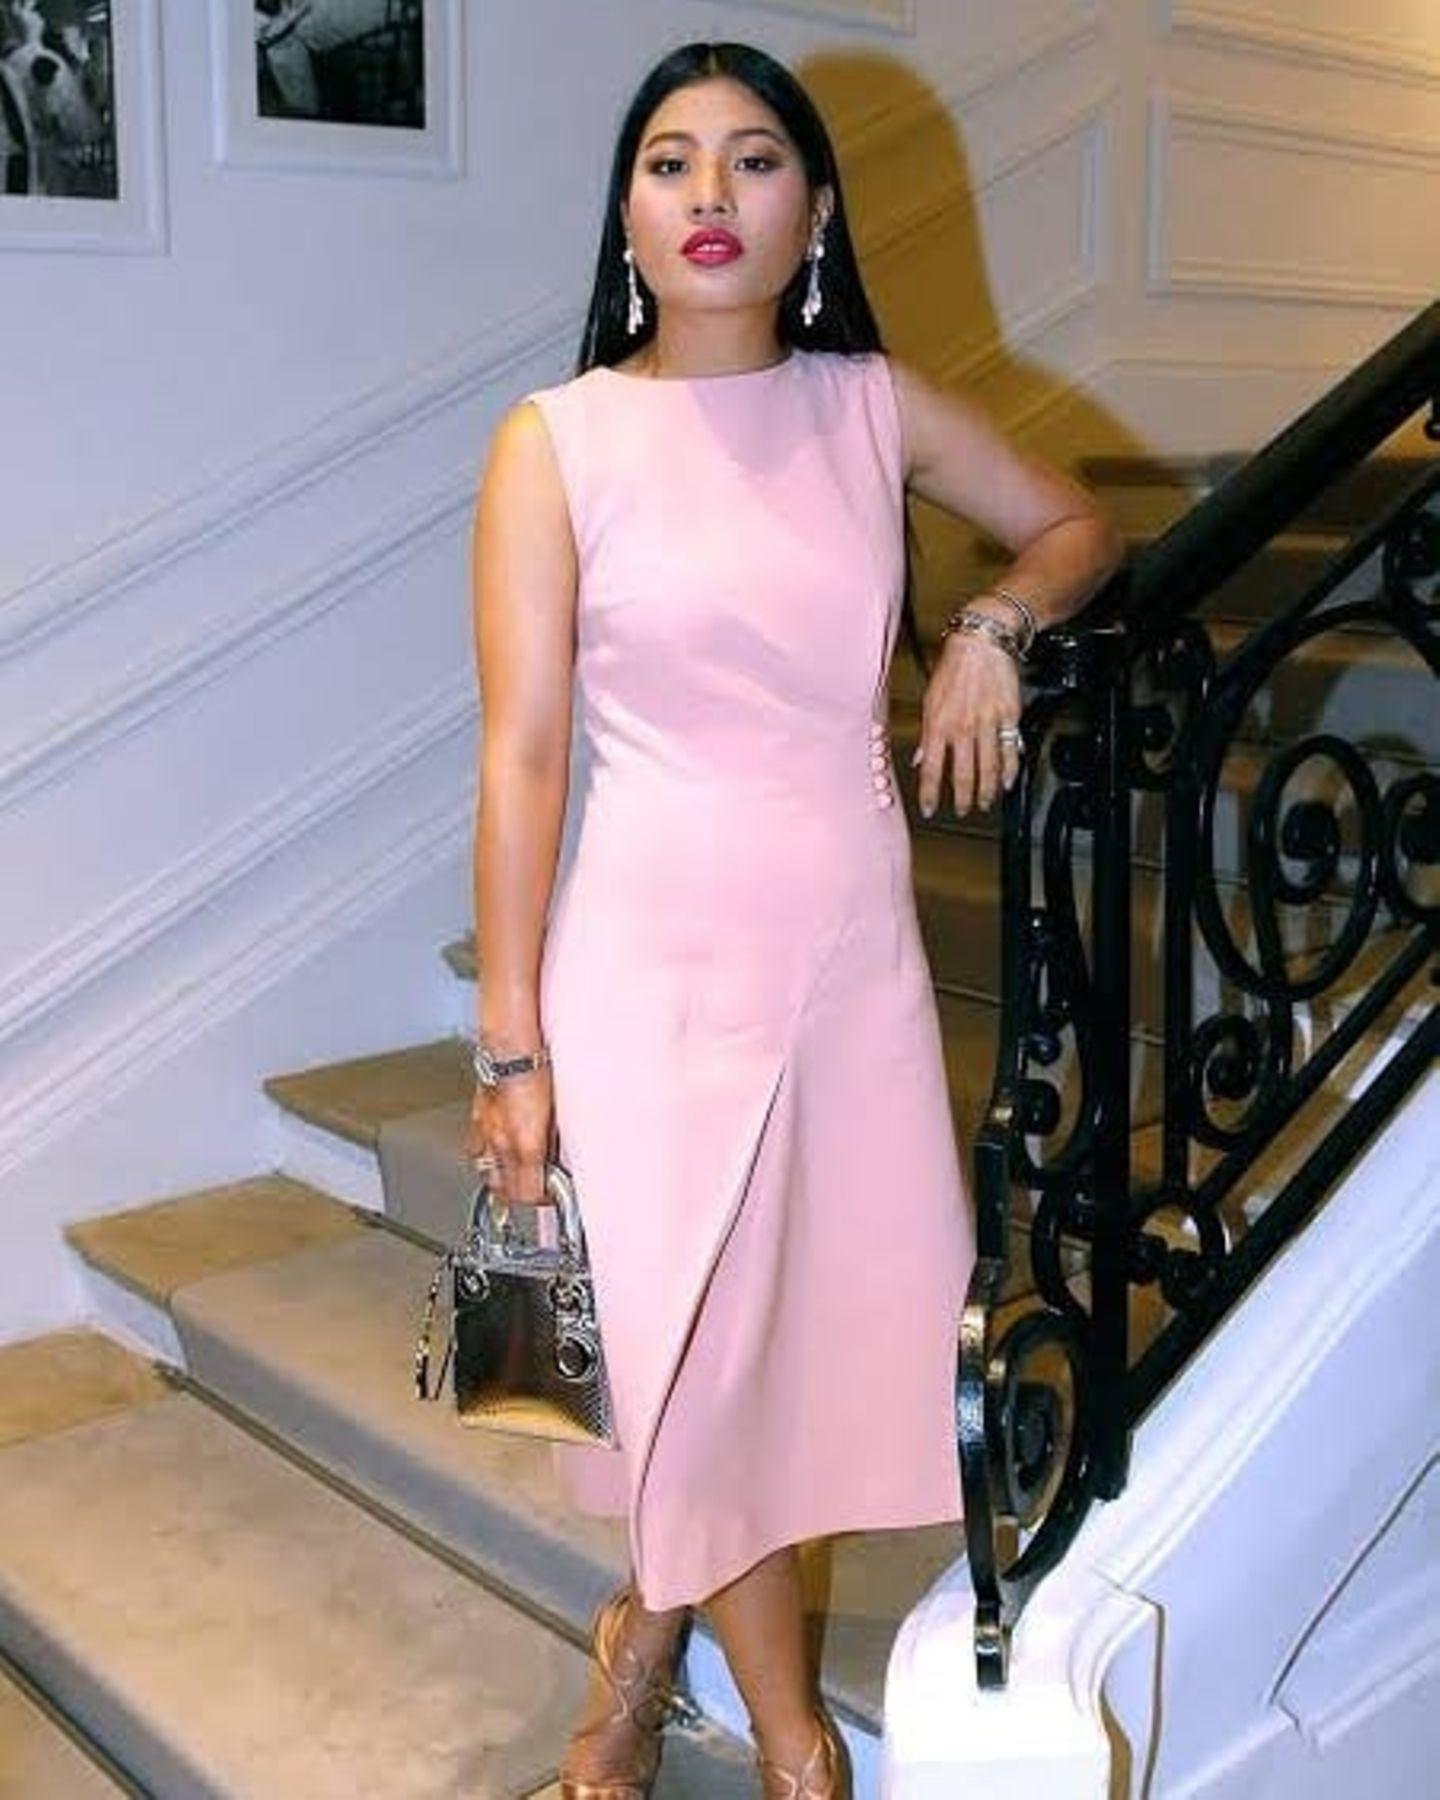 Feminin, extravagant und luxuriös: So lässt sich der Modestil der thailändischen Prinzessin am besten beschreiben. Ein Beweis dessen liefert ihr neuestes Instagram-Foto auf dem Prinzessin Sirivannavarizu einem schlichten rosafarbenen Kleid eine Tasche in Metallic-Silber, opulente Ohrringe und Pumps - ebenfalls in einem Metallicton - kombiniert. Traditionelle Kleidung sieht man an der 33-Jährigen eher selten.